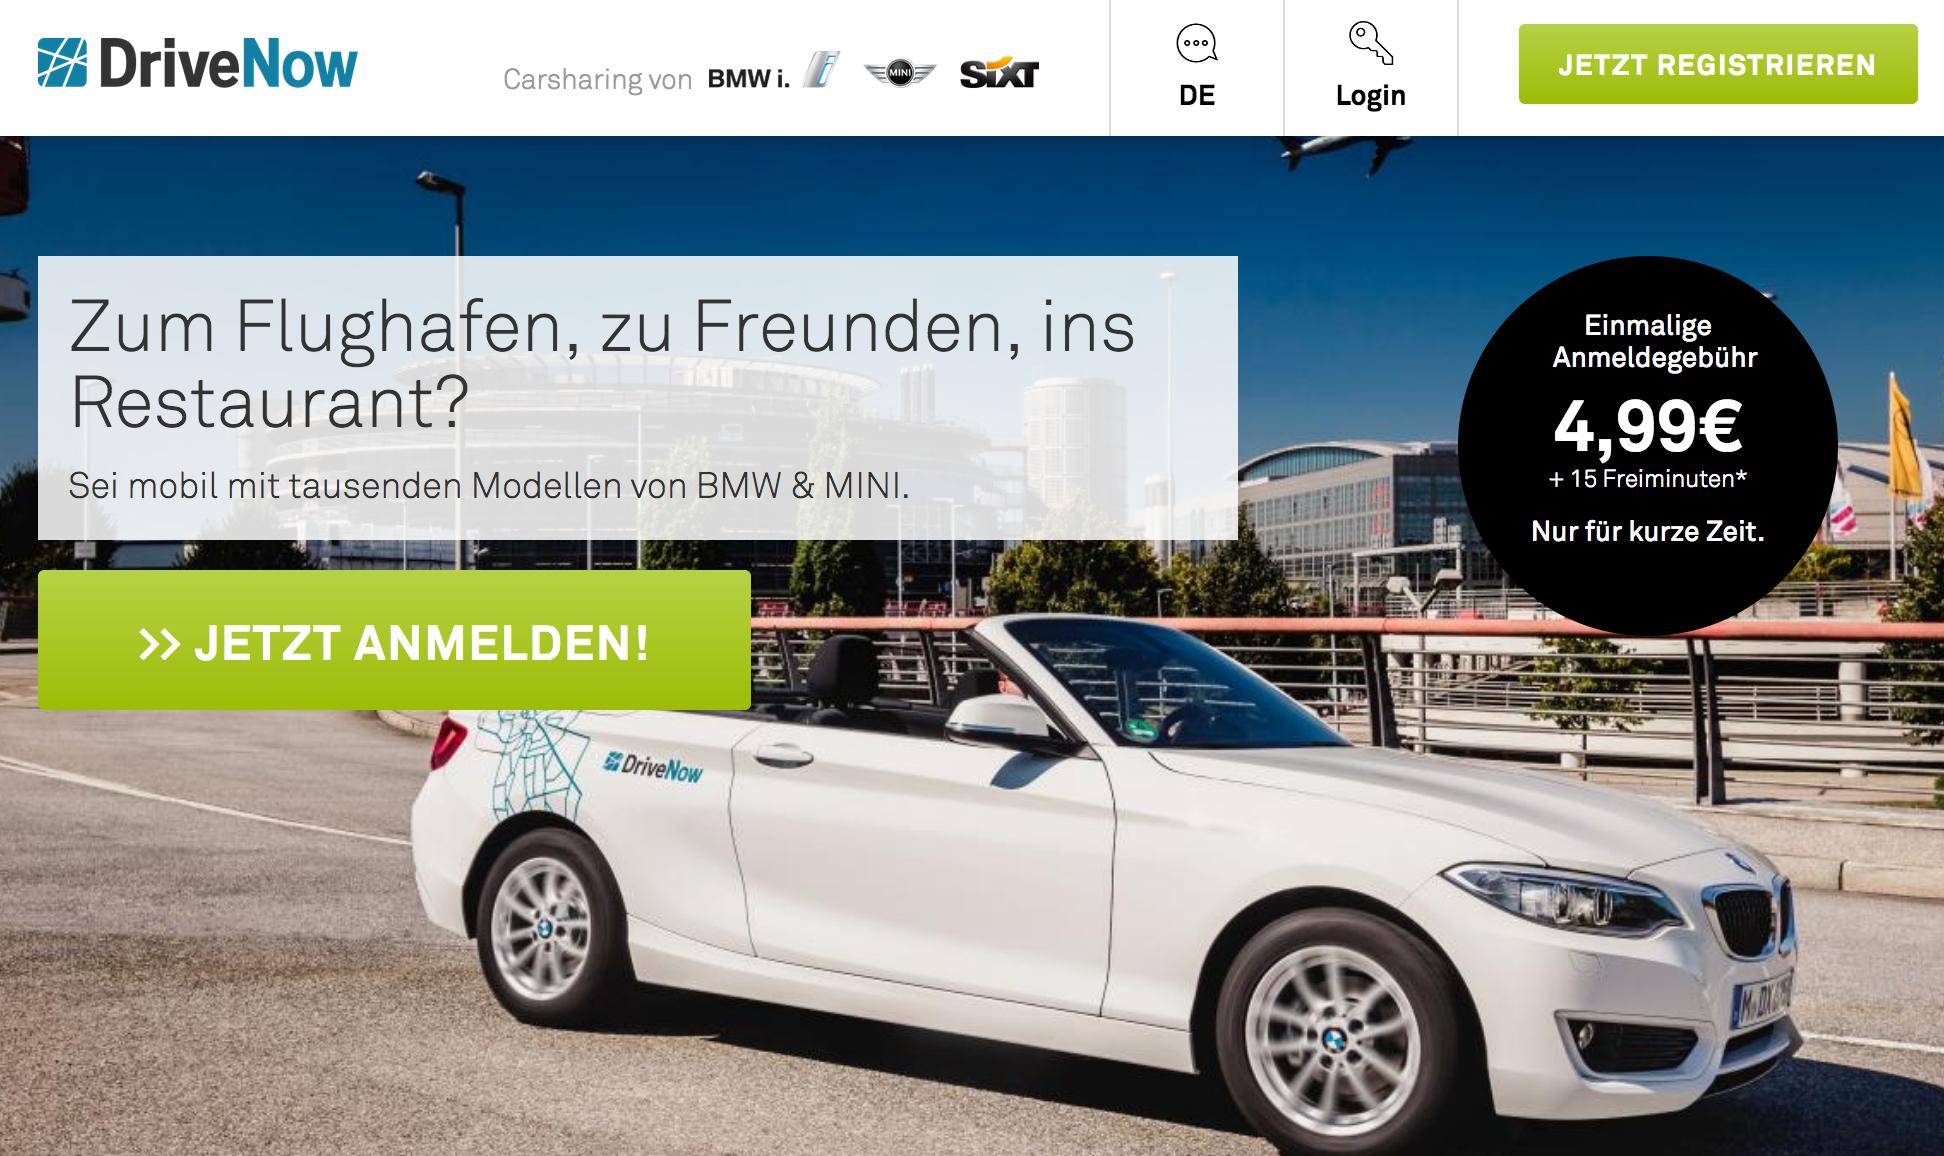 DriveNow Sommer-Deal: Anmeldung 4,99€ anstatt 29,99€ - Mit Shoop 4,50€ Cashback, eff. nur 0,49€